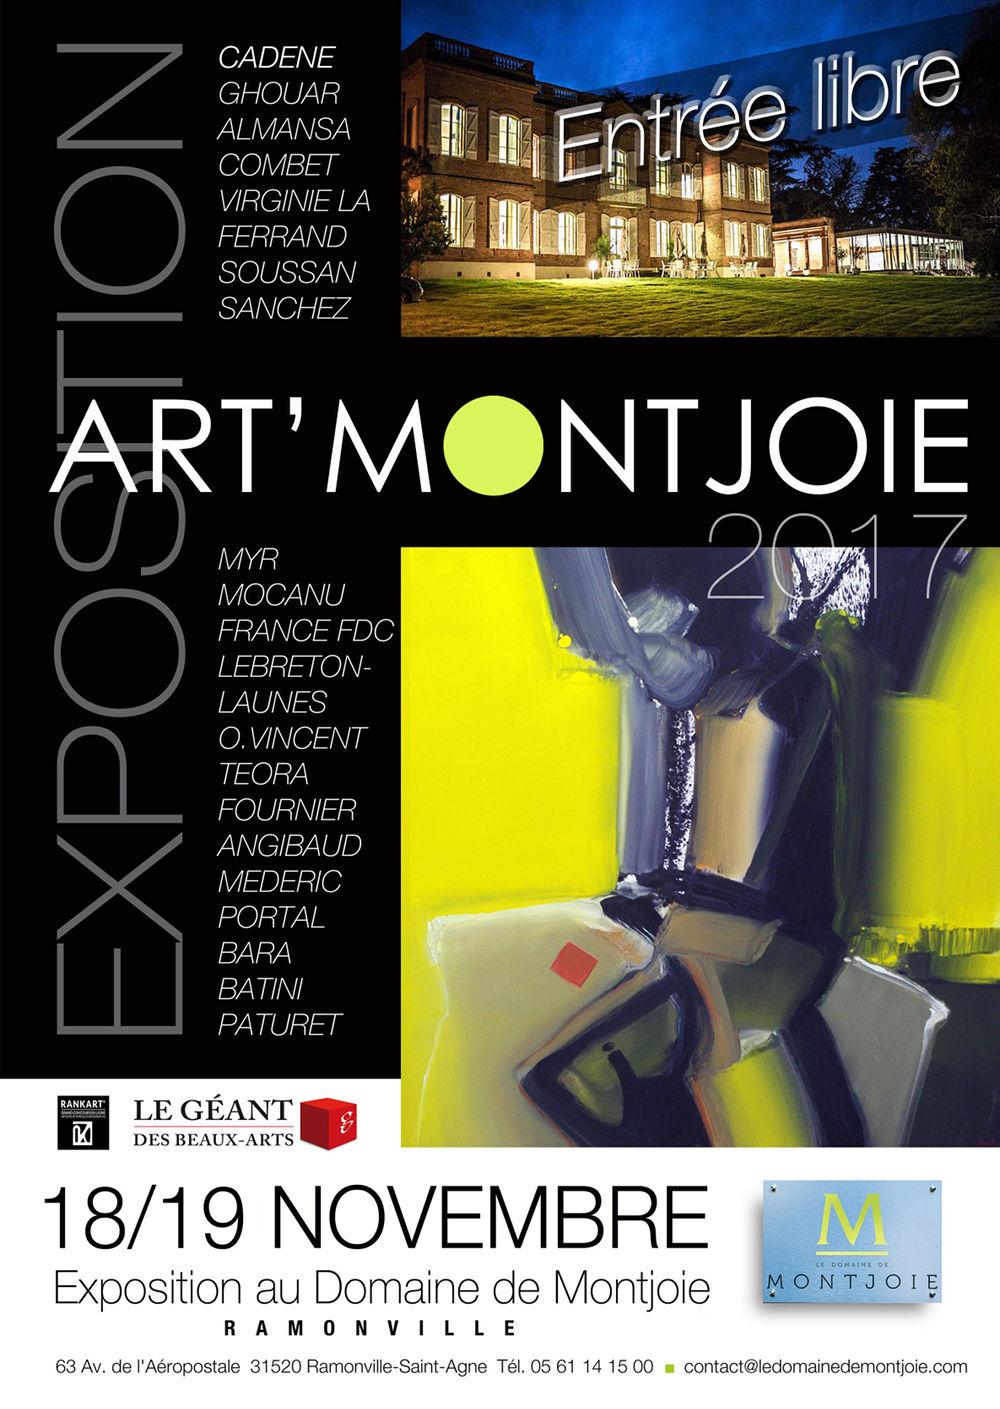 ART'MONTJOIE-FlyerAffich.jpg